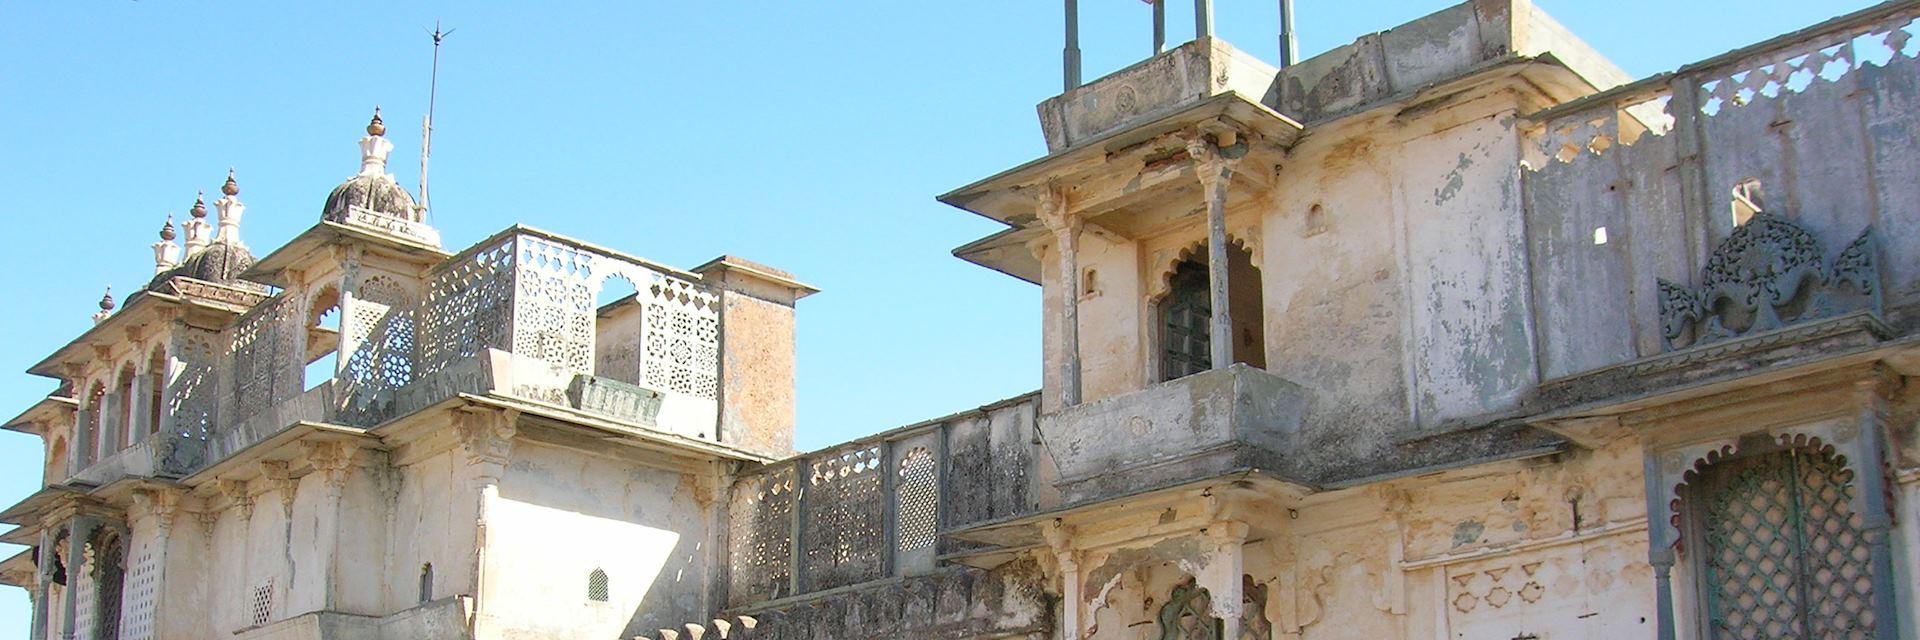 Juna Mahal, Dungarpur